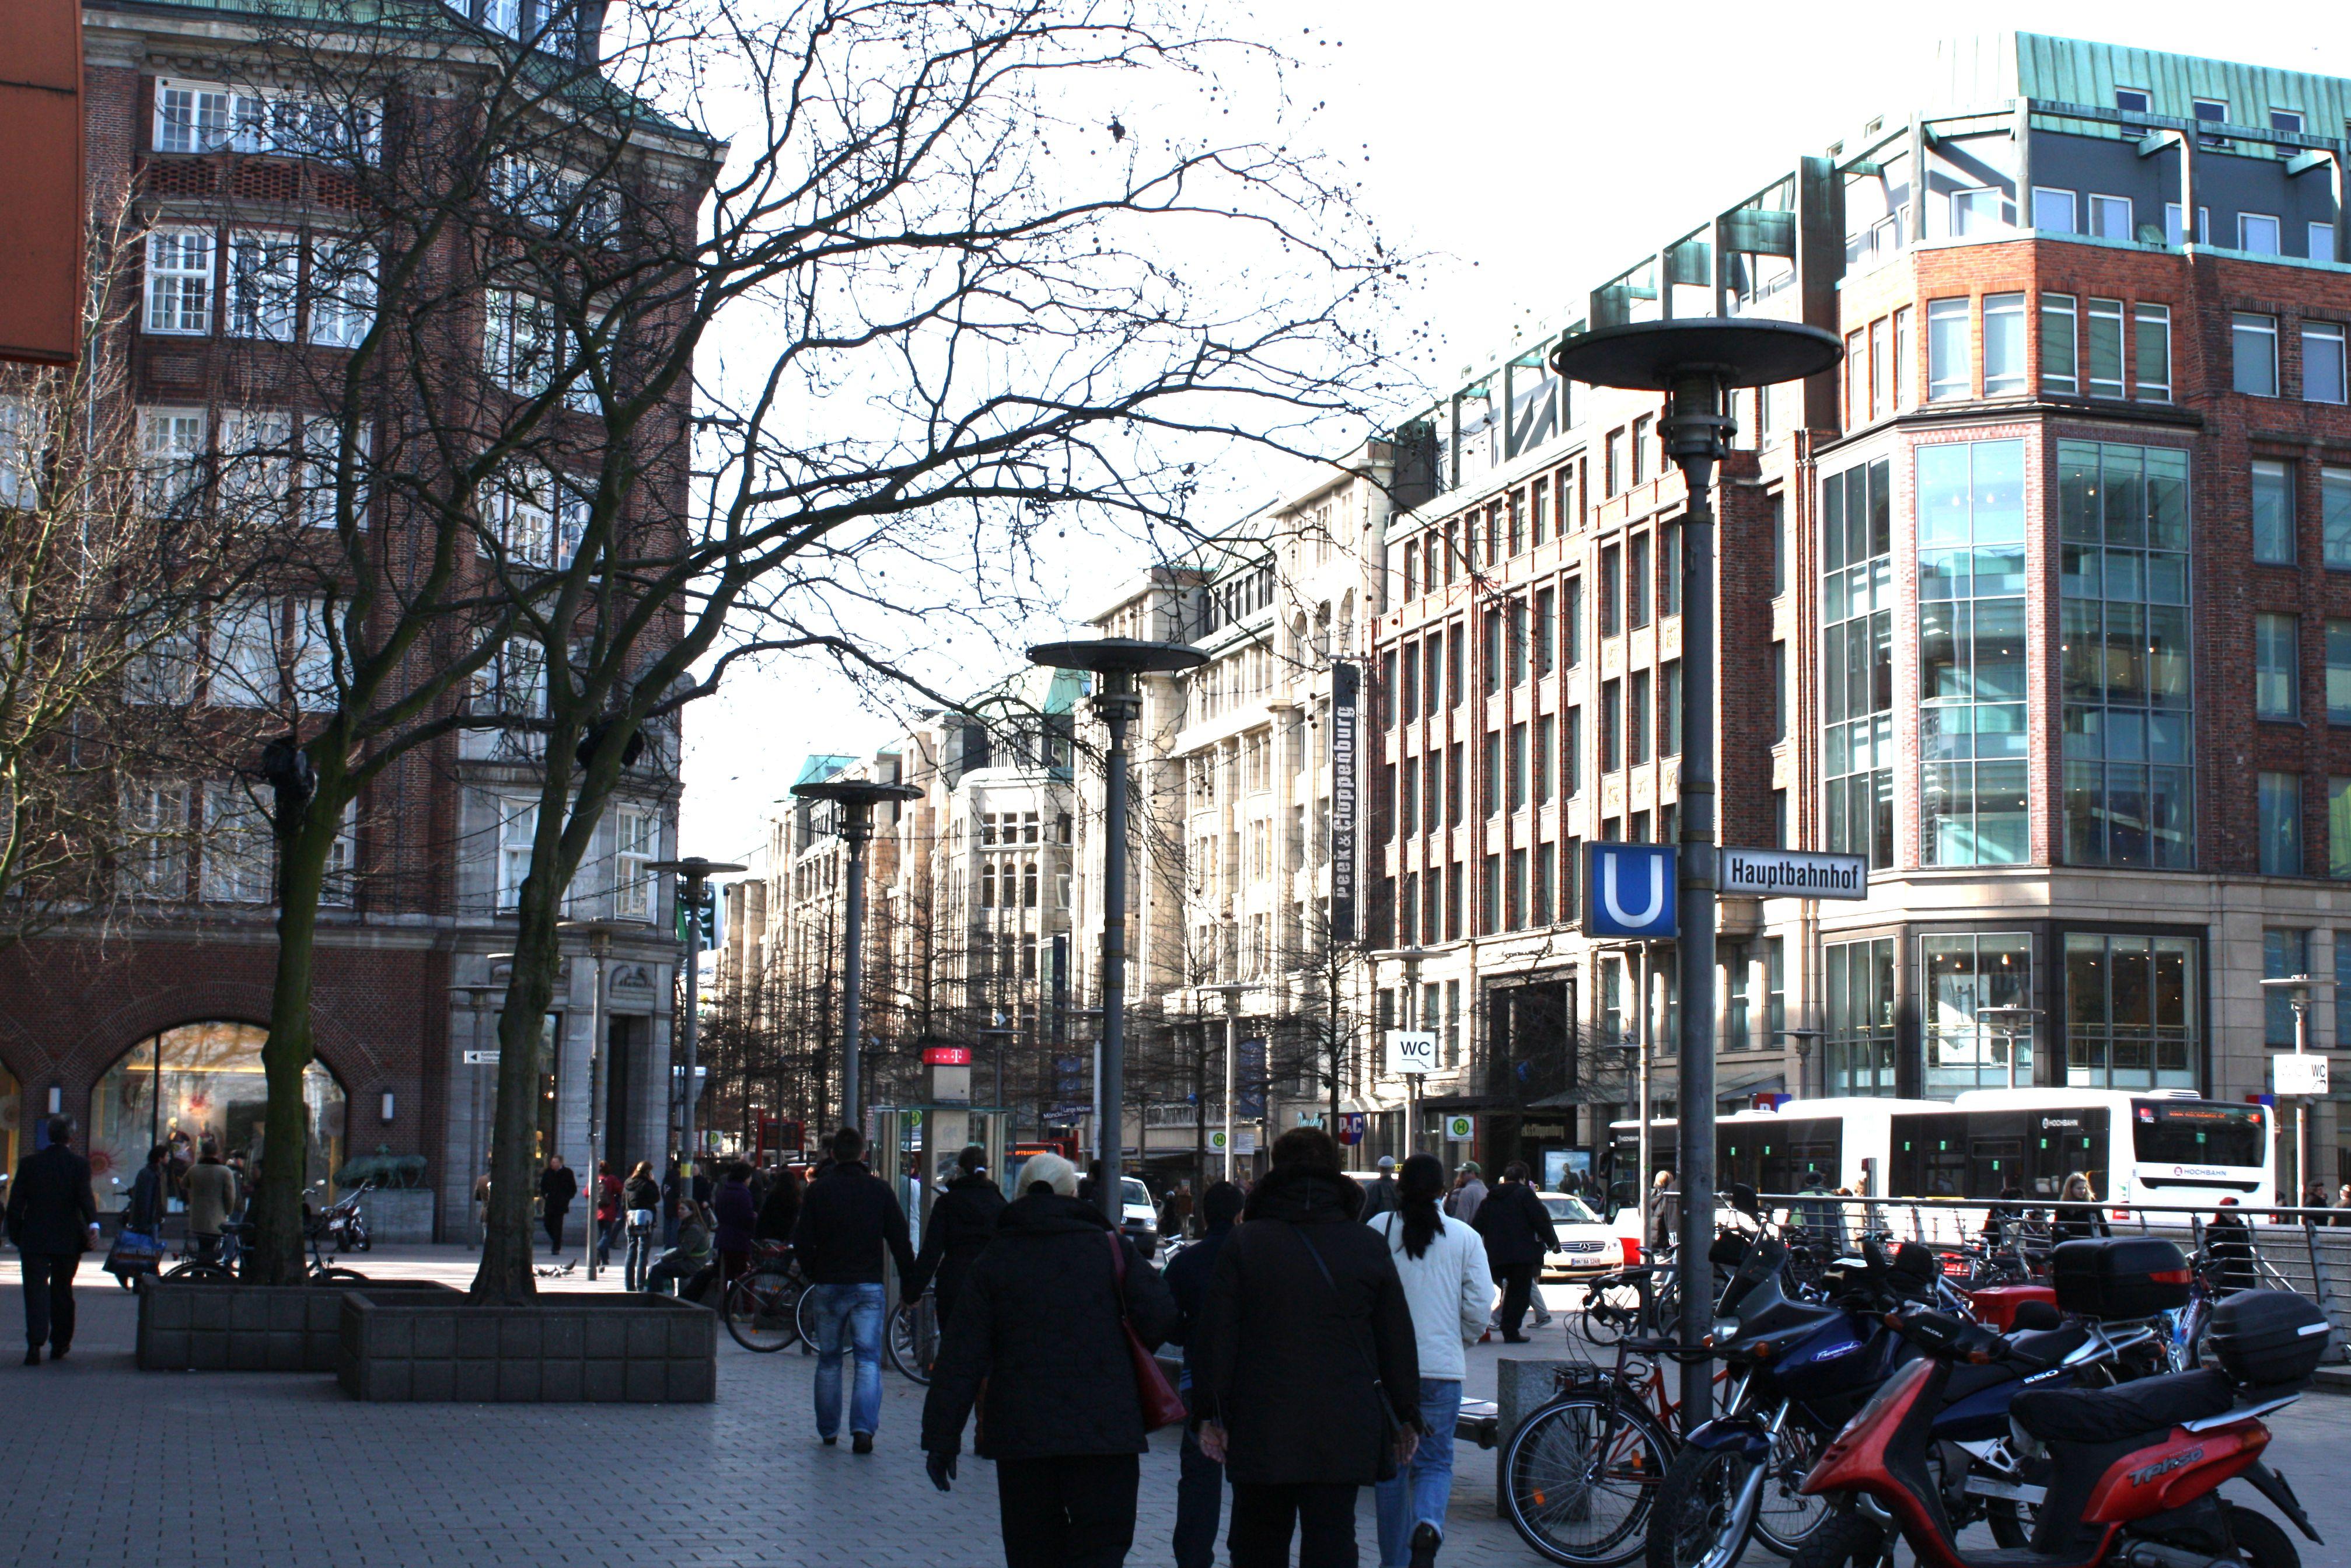 Hifi Hamburg Mönckebergstraße file mönckebergstraße hamburg 2009 556 jpg wikimedia commons